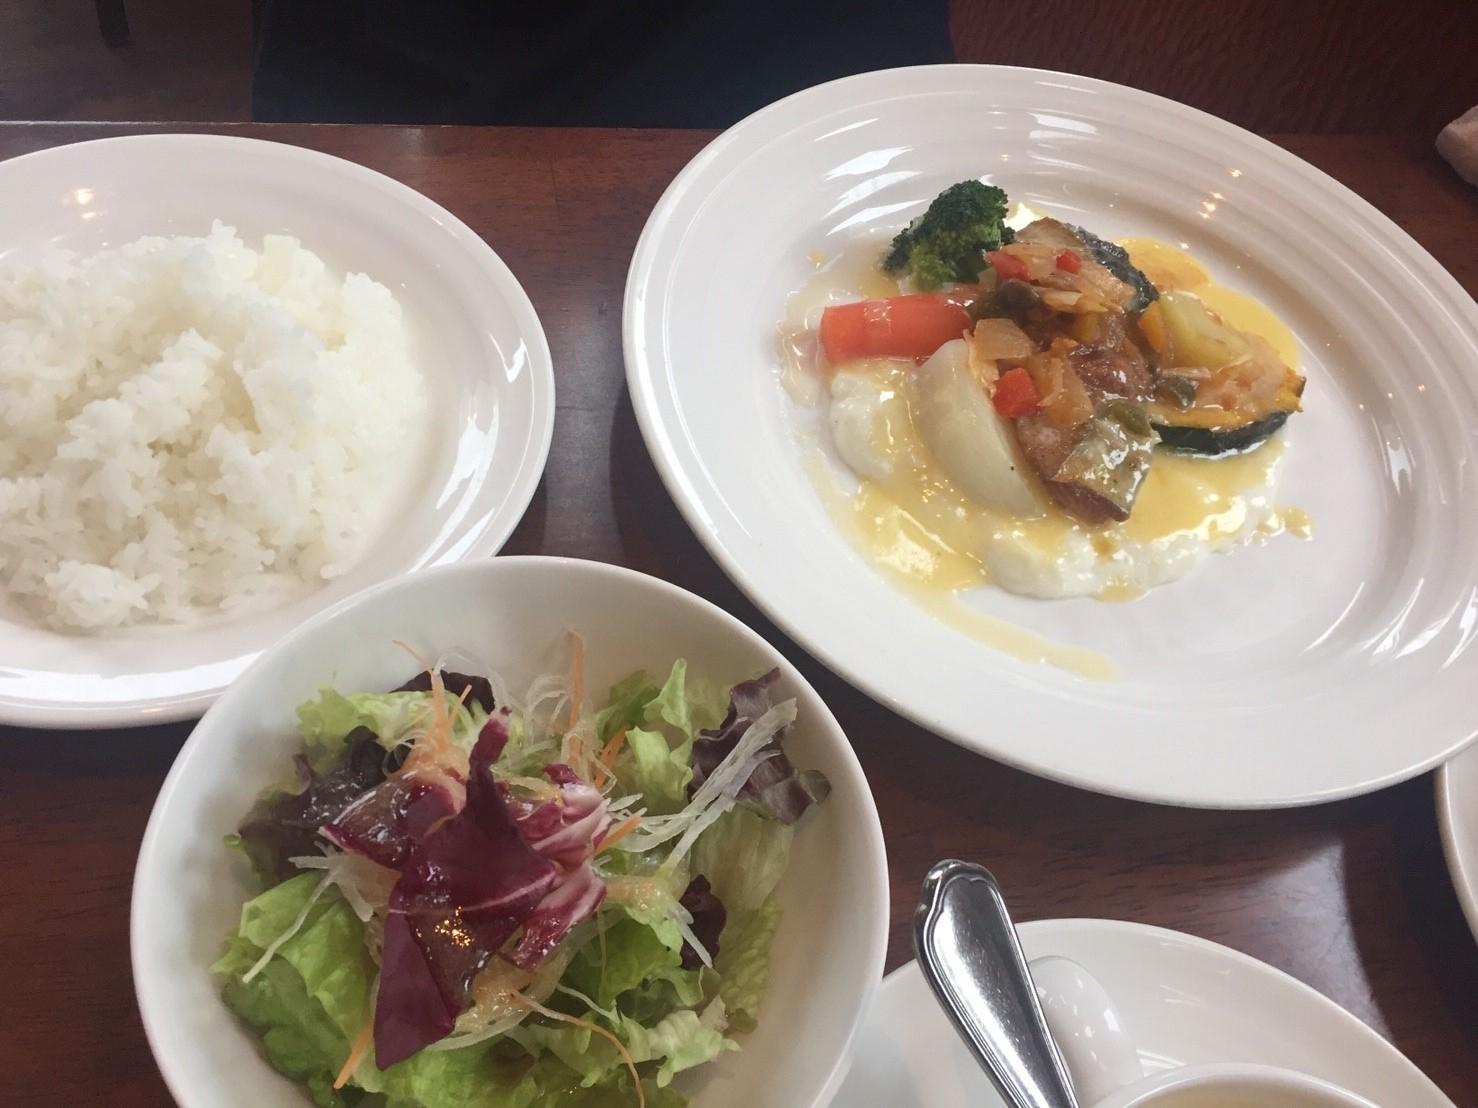 洋風食堂 kozy\'s kitchen ランチ_e0115904_16330105.jpg